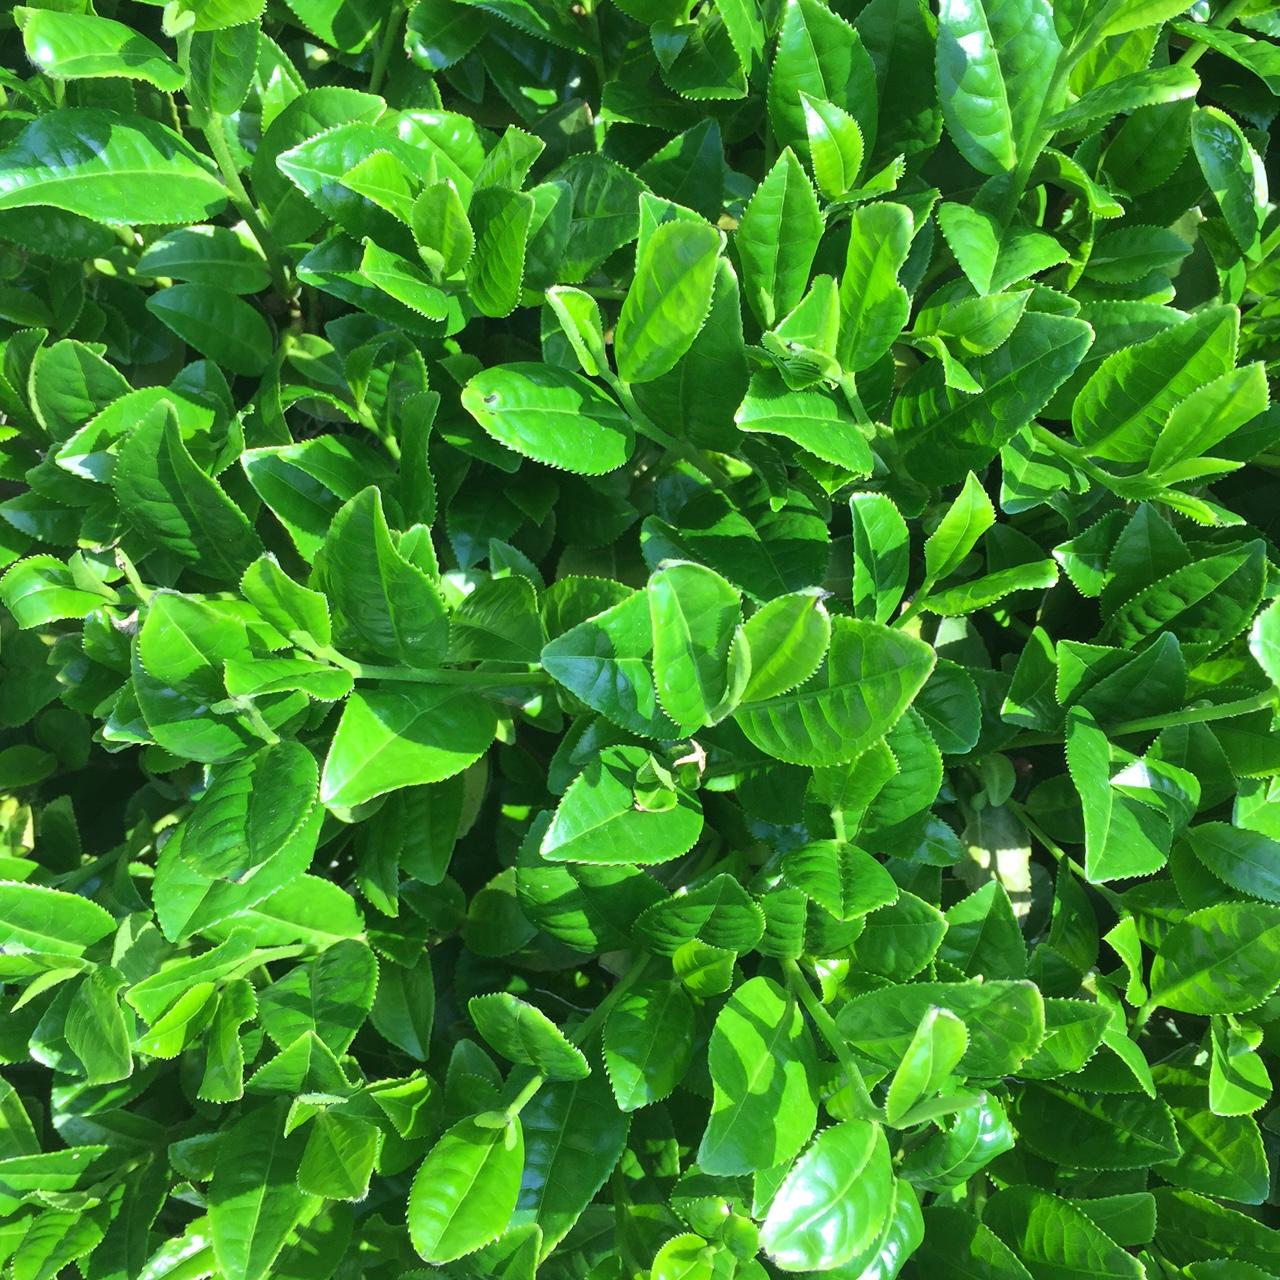 2017年4月23日かごしま緑茶の茶園風景です。早生品種ゆたかみどりです。緑が濃くなってきました!。